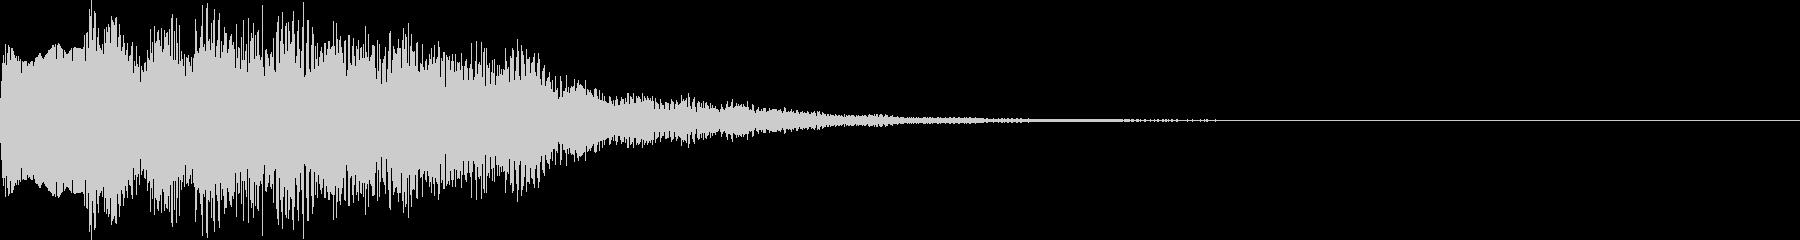 不思議な音09の未再生の波形